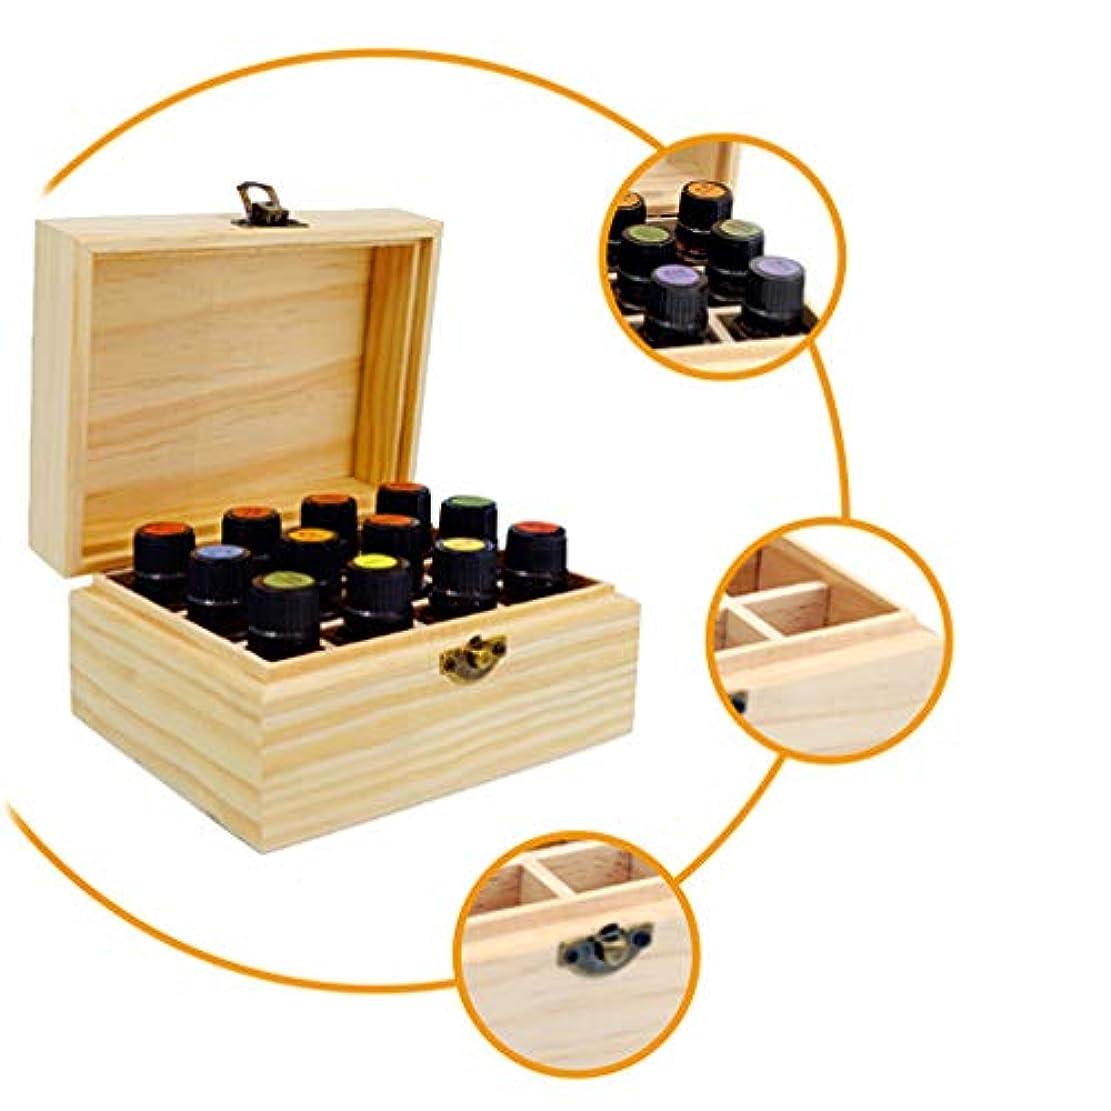 壮大な神秘的なモザイクJIOLK エッセンシャルオイル 収納ボックス 12本用 木製 香水収納ケース 大容量 精油収納 携帯便利 オイルボックス おしゃれ 精油ケース